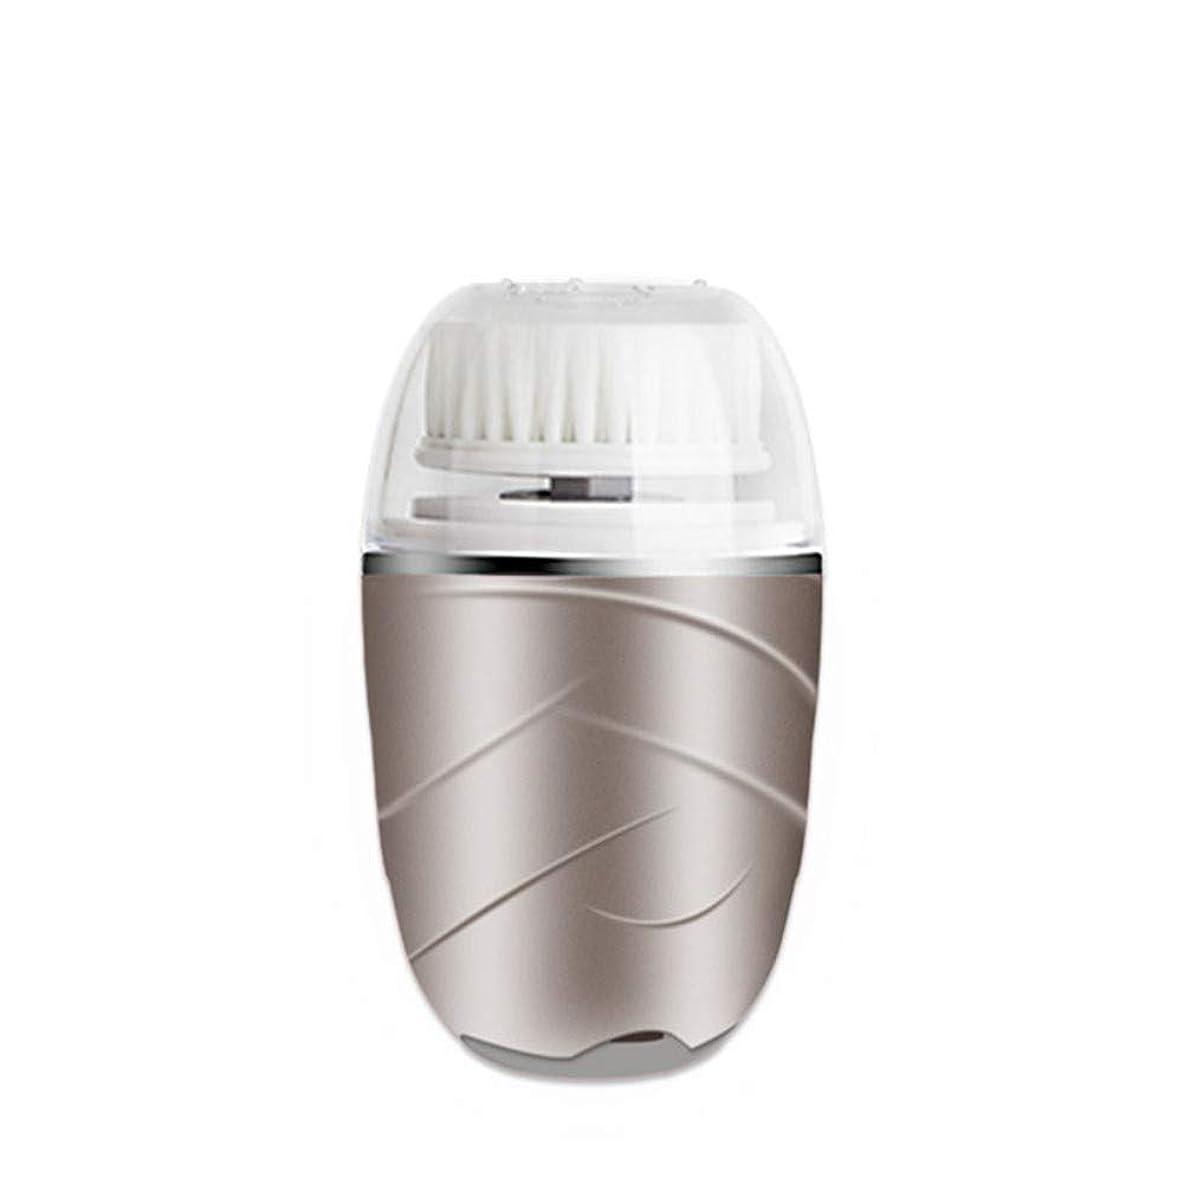 スーダン建てる圧倒的電動洗顔器 音波洗顔-防水 毛穴ケア 防水型美顔用 フェースケア ケース付き2段階スピード敏感肌用 男女兼用 360度回転肌質改善 各種肌質に対応 敏感肌